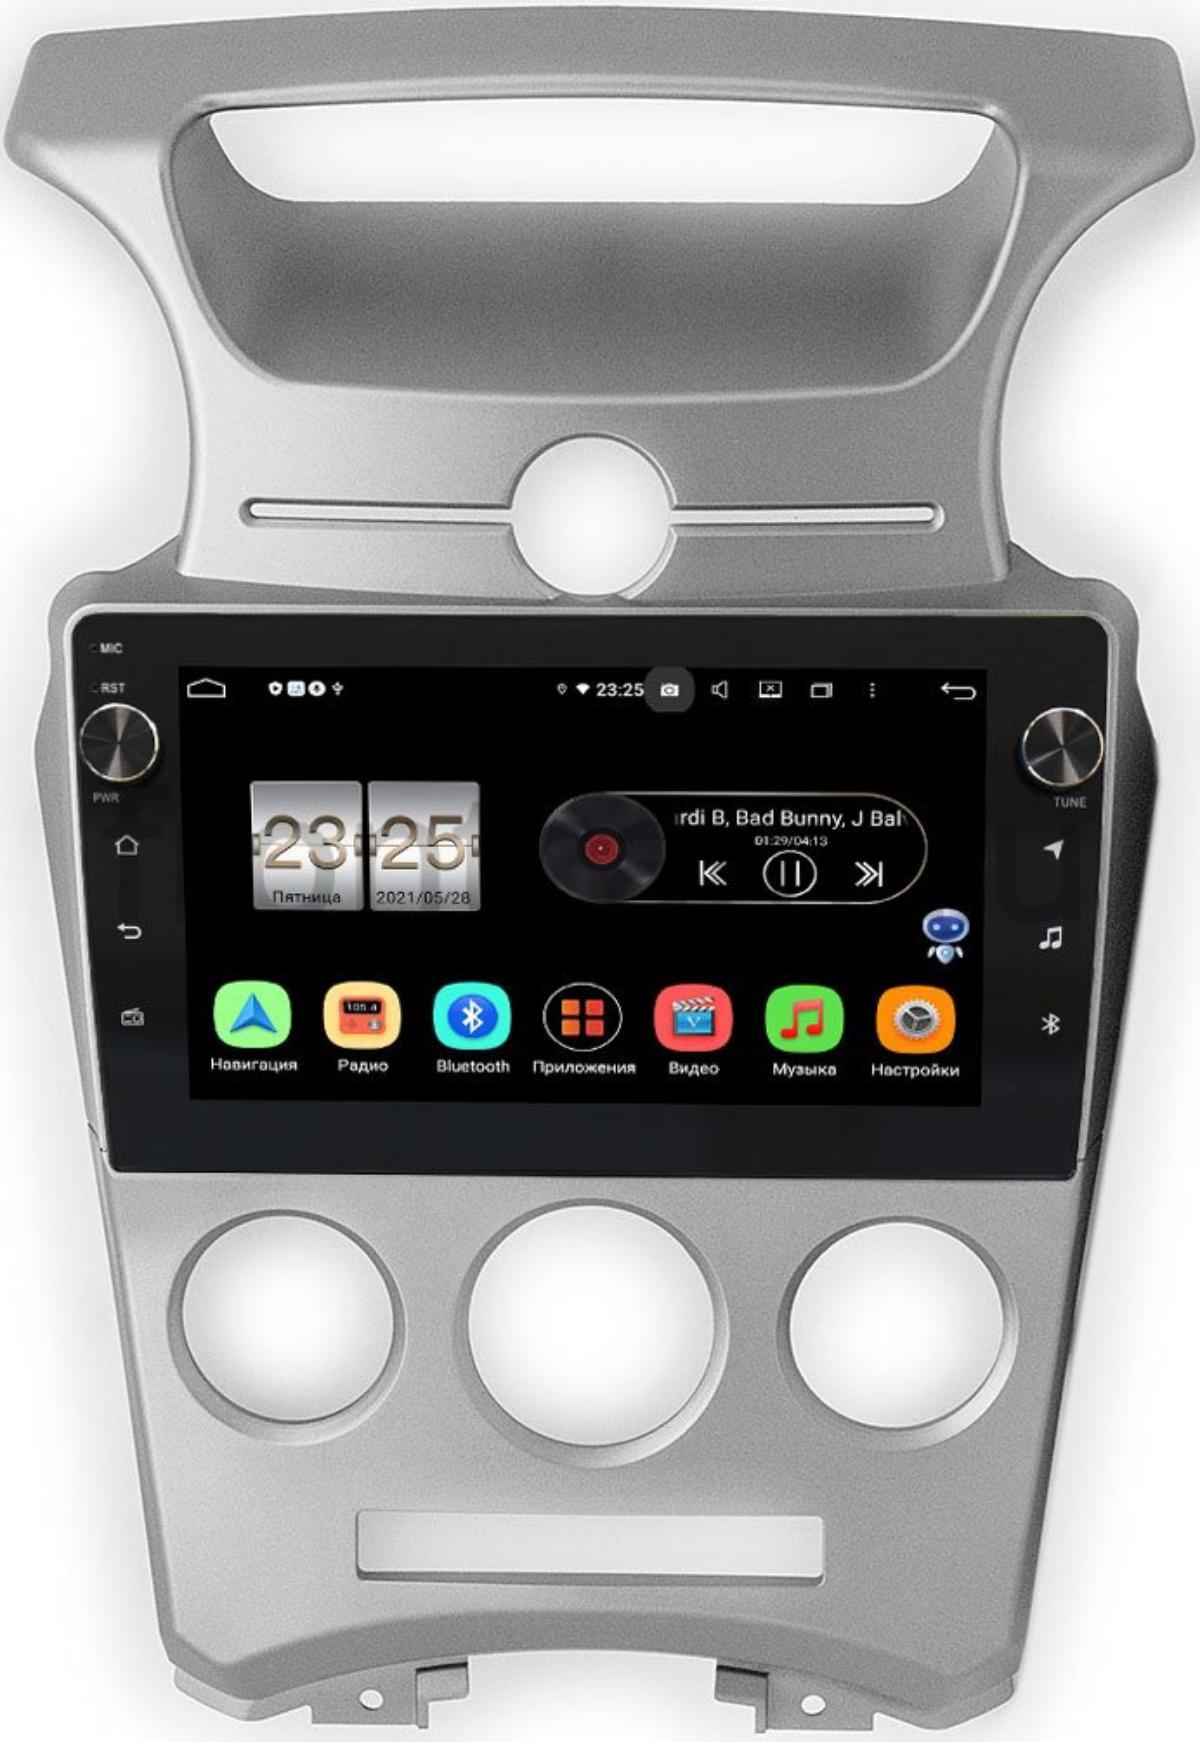 Штатная магнитола Kia Carens II 2006-2012 (с кондиционером) LeTrun BPX609-1054 на Android 10 (4/64, DSP, IPS, с голосовым ассистентом, с крутилками) (+ Камера заднего вида в подарок!)